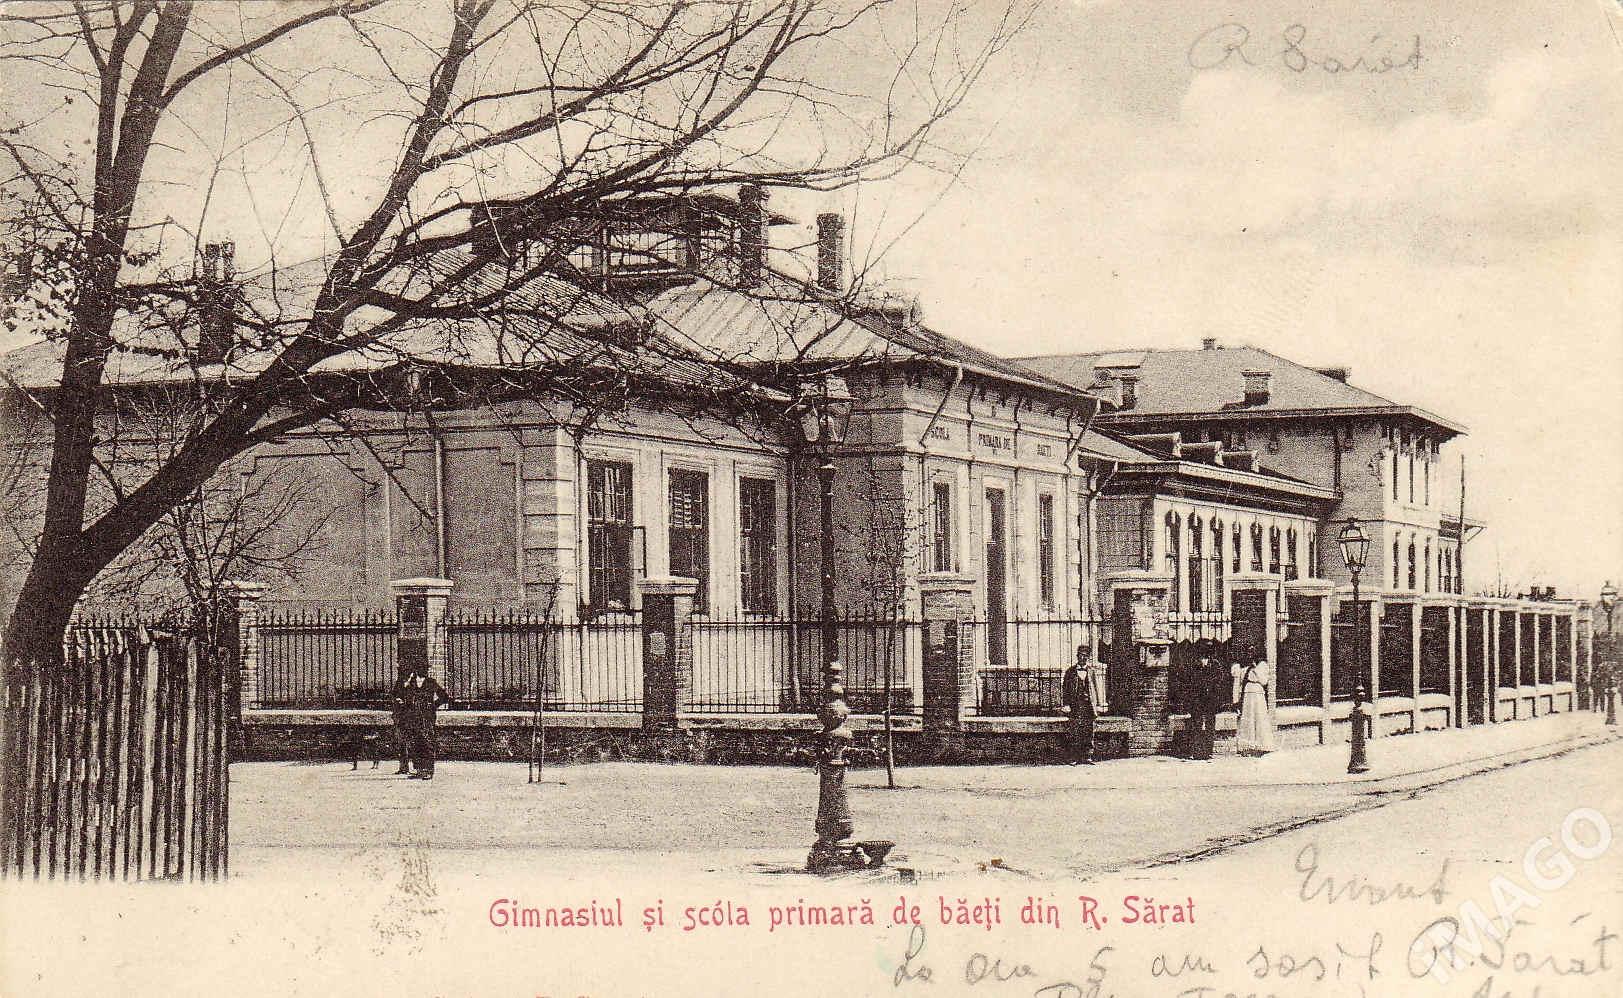 Gimnaziul și  școala primară de băieți